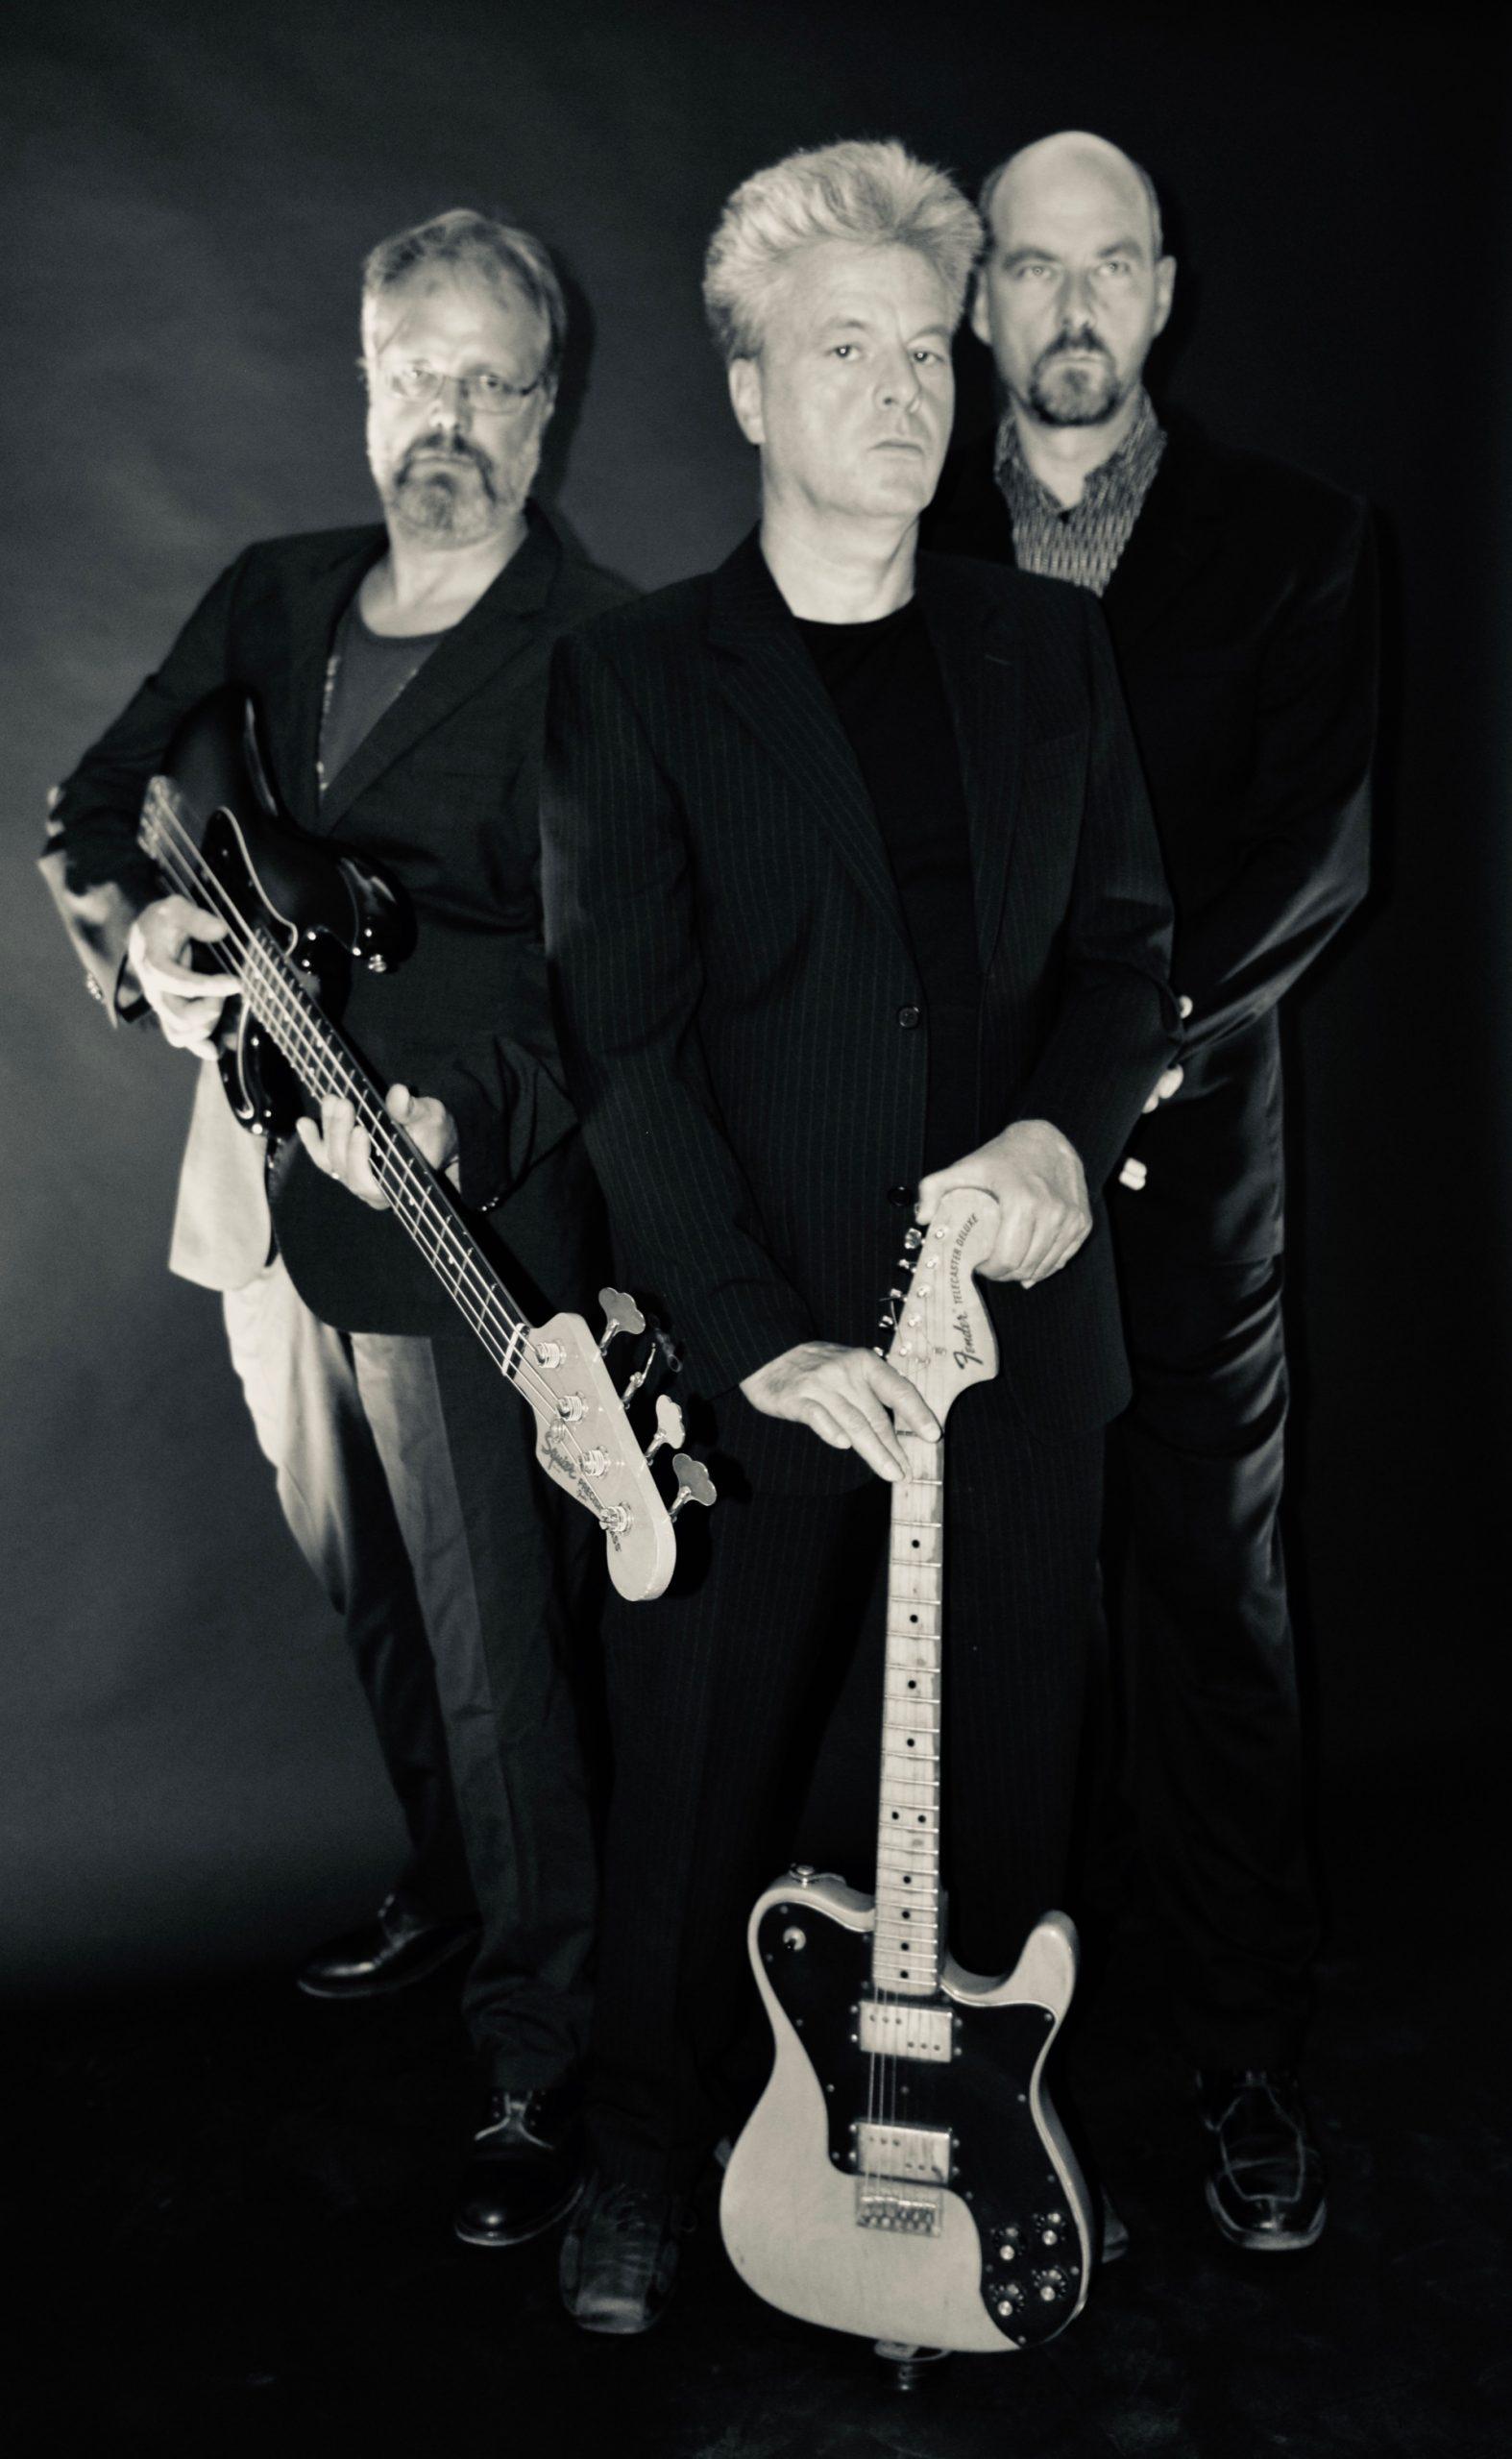 Samstag, 11.07.2020 / 19.30 Uhr – In Cold Blood – Live Konzert im Raven